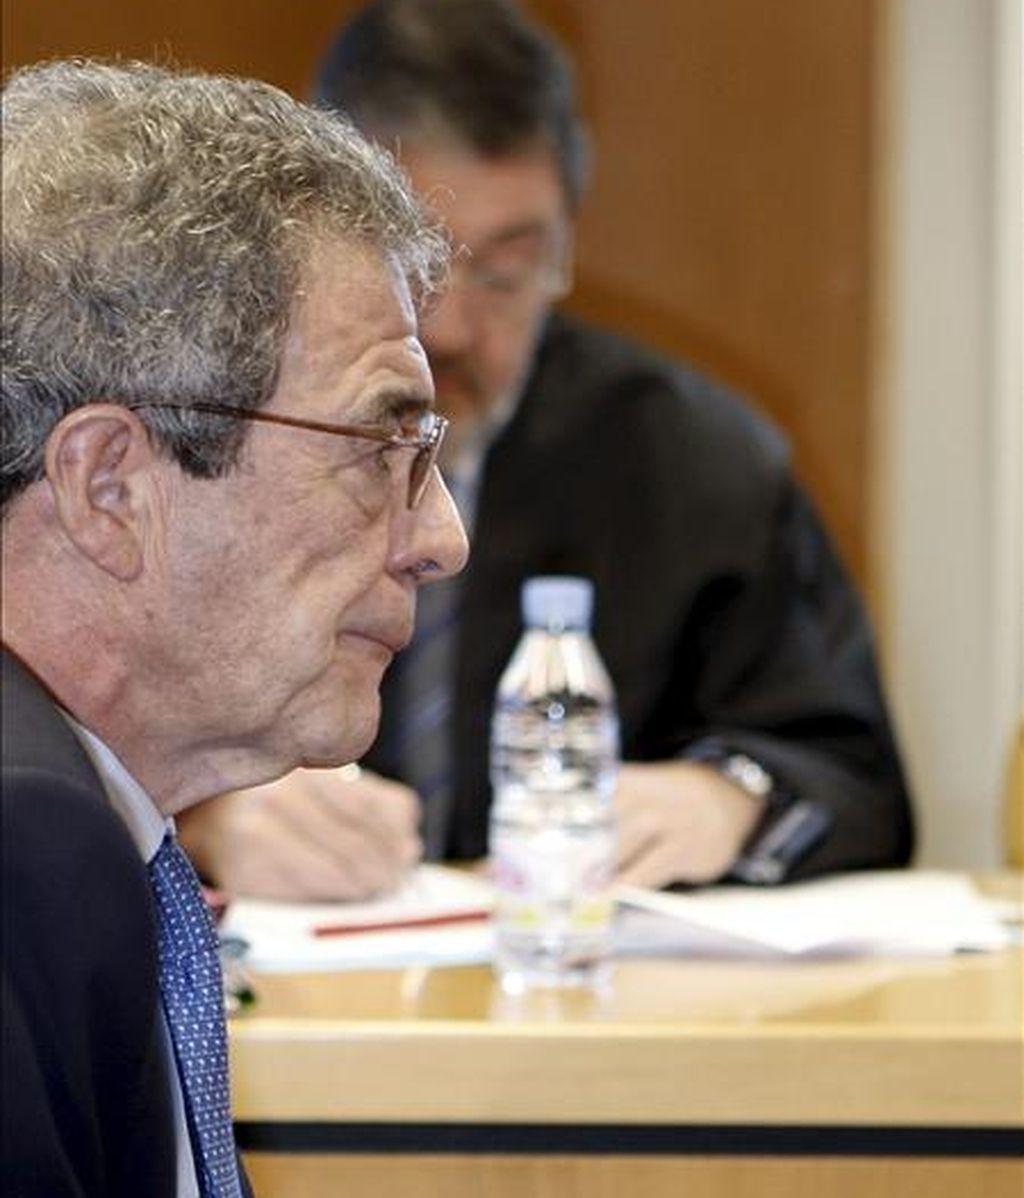 El presidente de Telefónica, César Alierta, durante el juicio oral por el caso Tabacalera, después de que la Sección 17 de la Audiencia Provincial de Madrid haya decidido reanudar el juicio. EFE